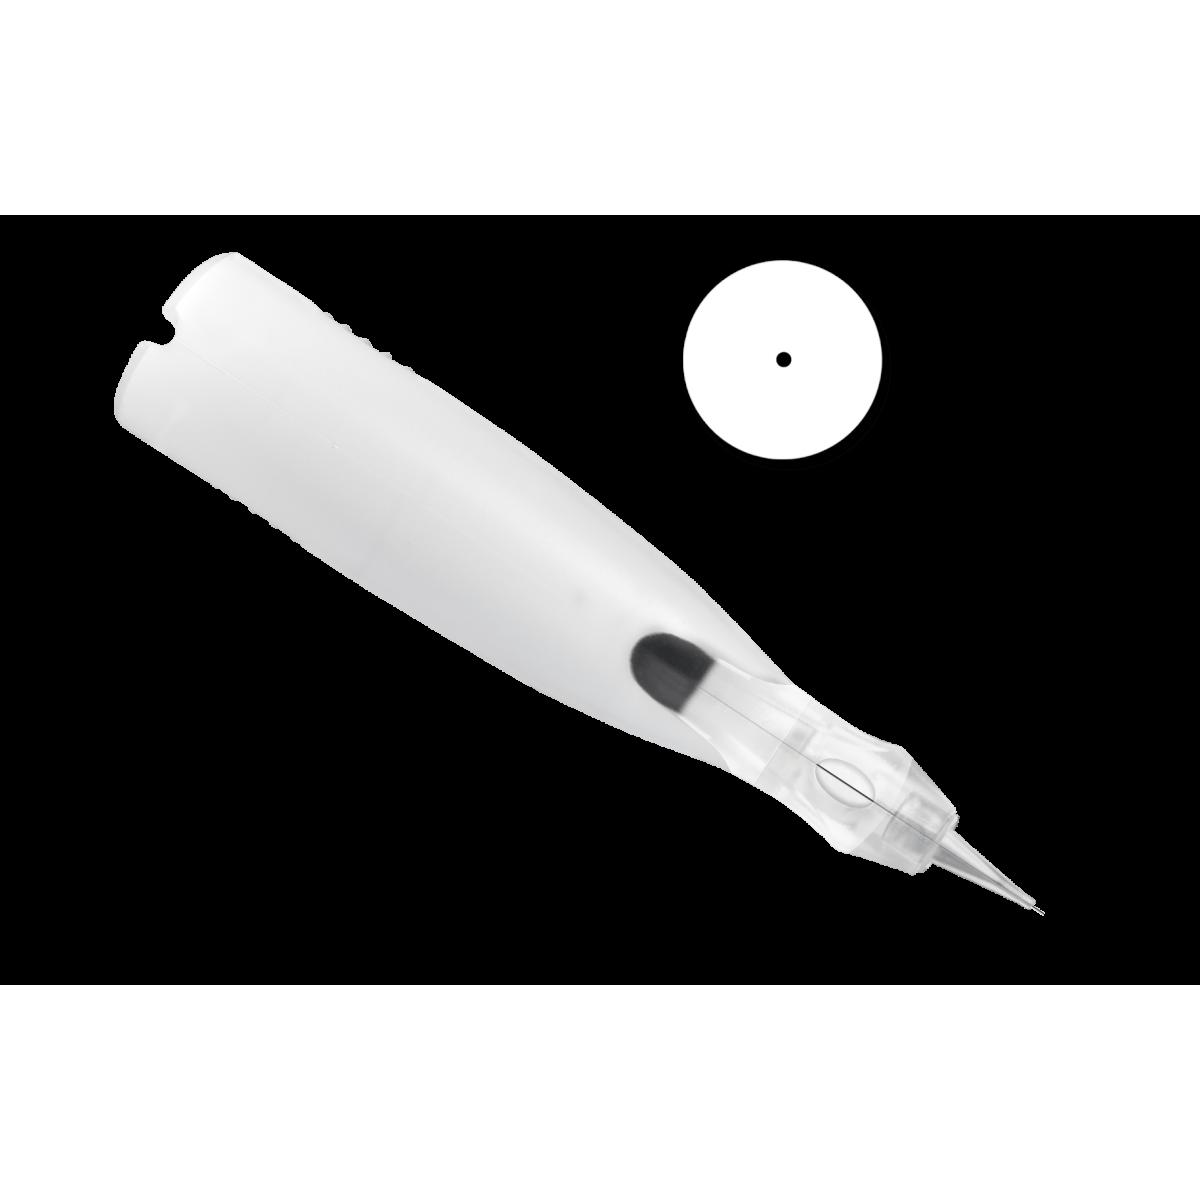 1 MICRO (0,40 mm) PRECISE